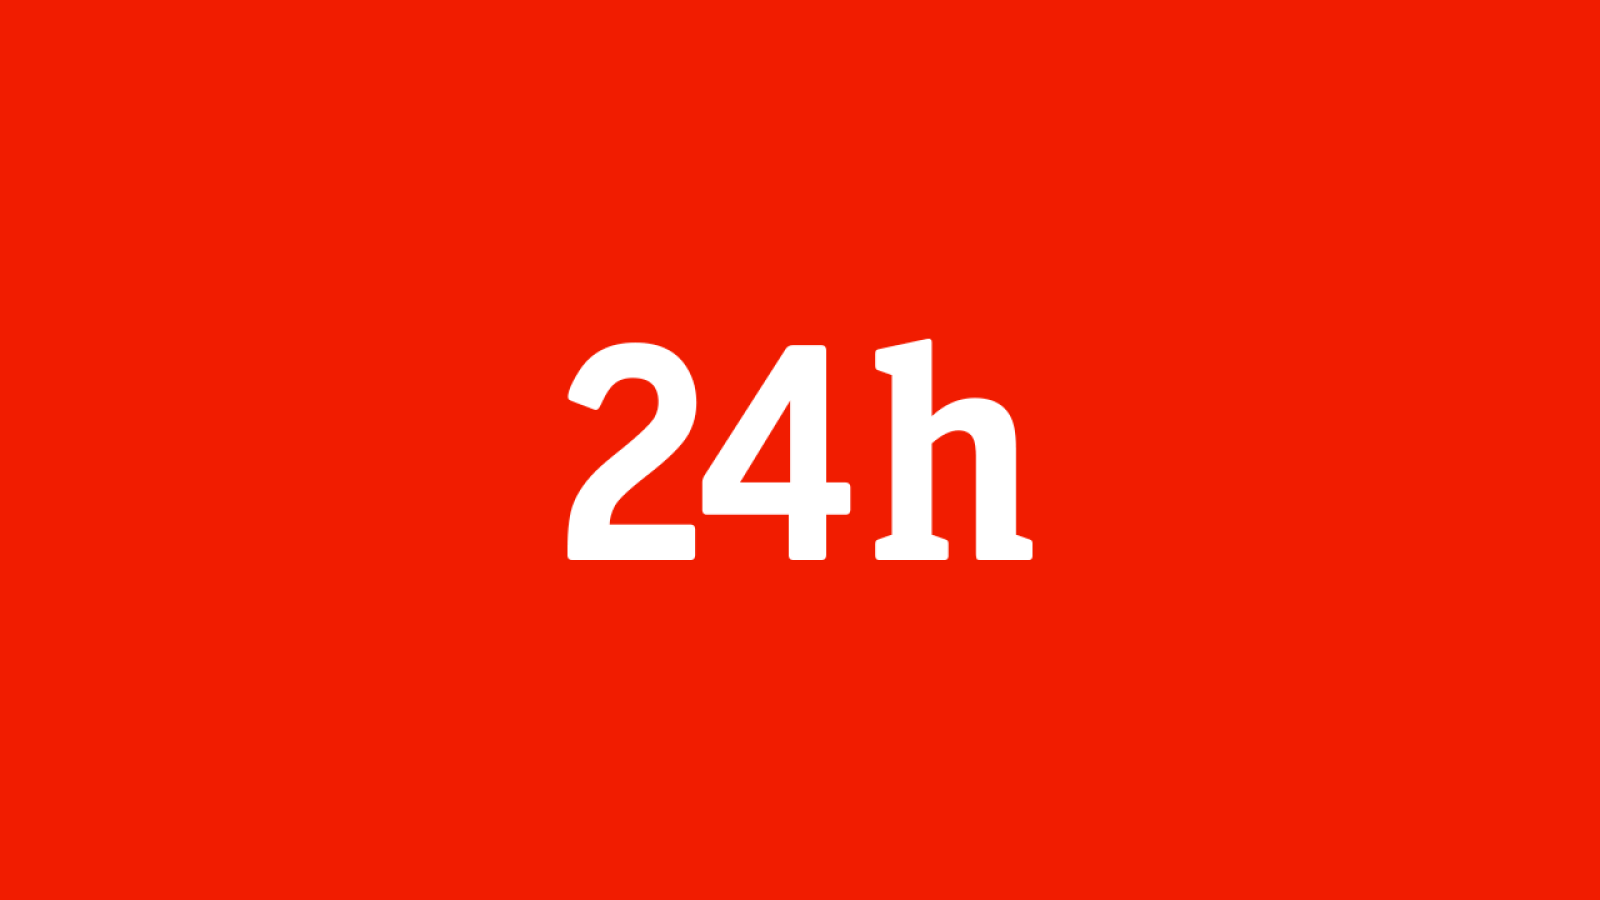 Canal 24 Horas En Directo Rtve Es